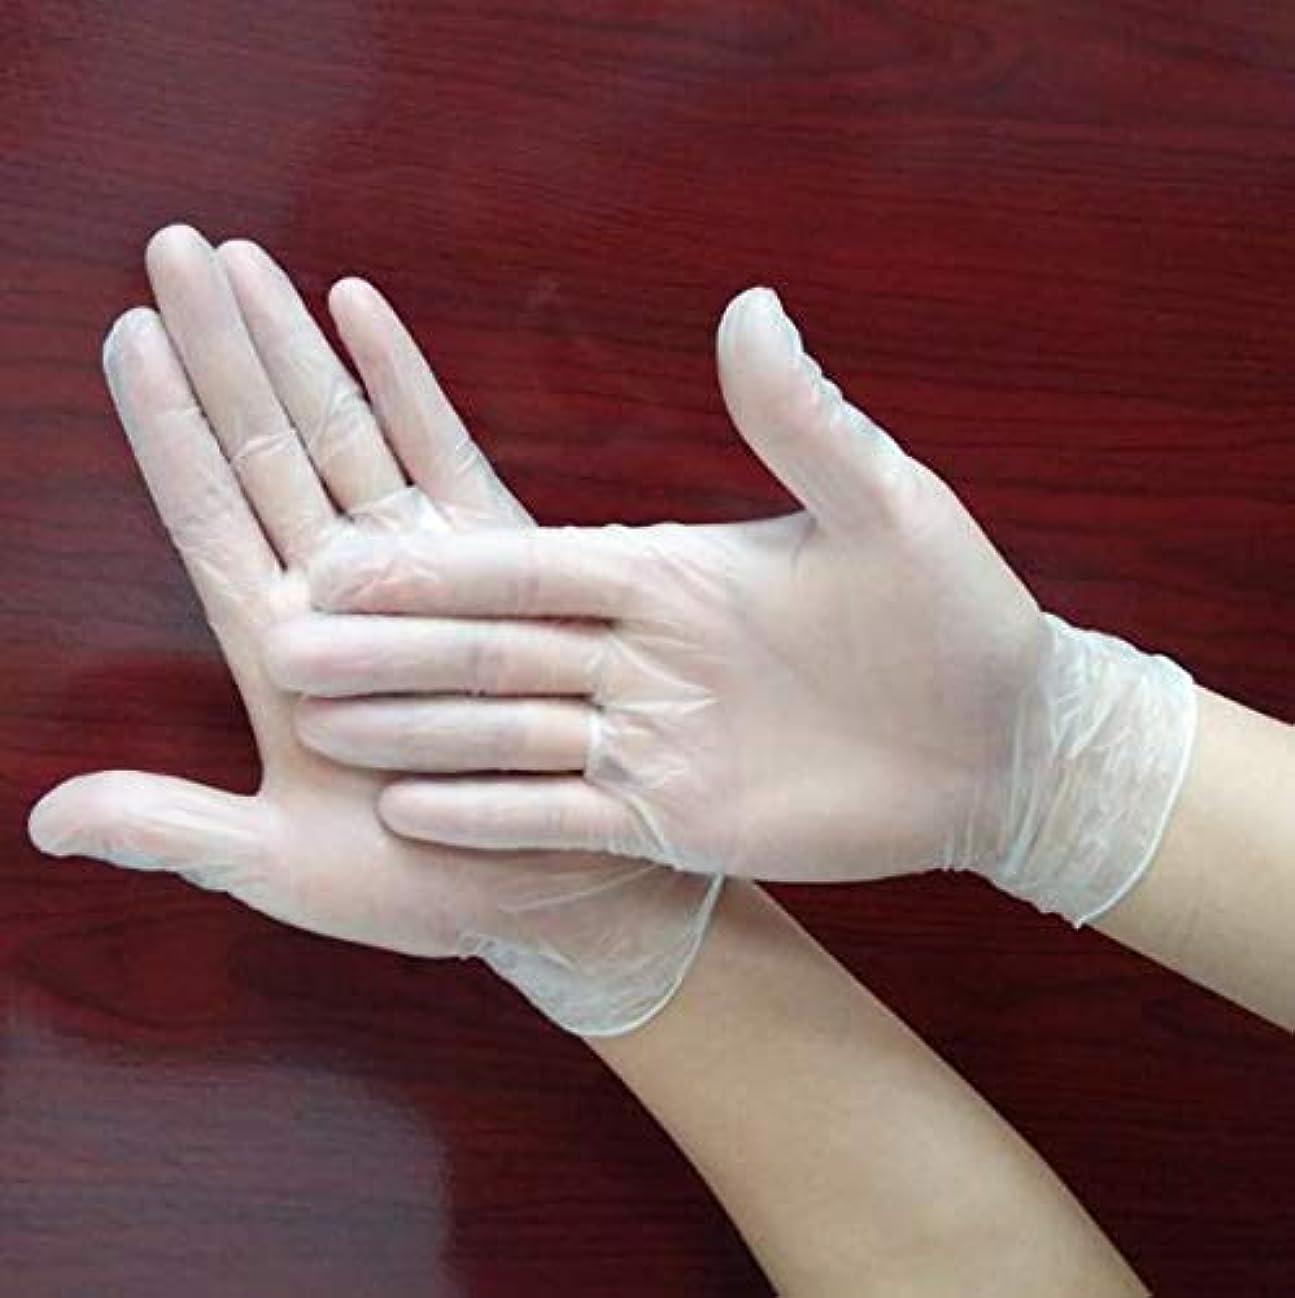 クレアウォルターカニンガム蒸発するハッピー 使い捨てPVC手袋 ベルテプラテ 使い捨て手袋 PVCグローブ 粉なし パウダーフリー 左右兼用 (M)